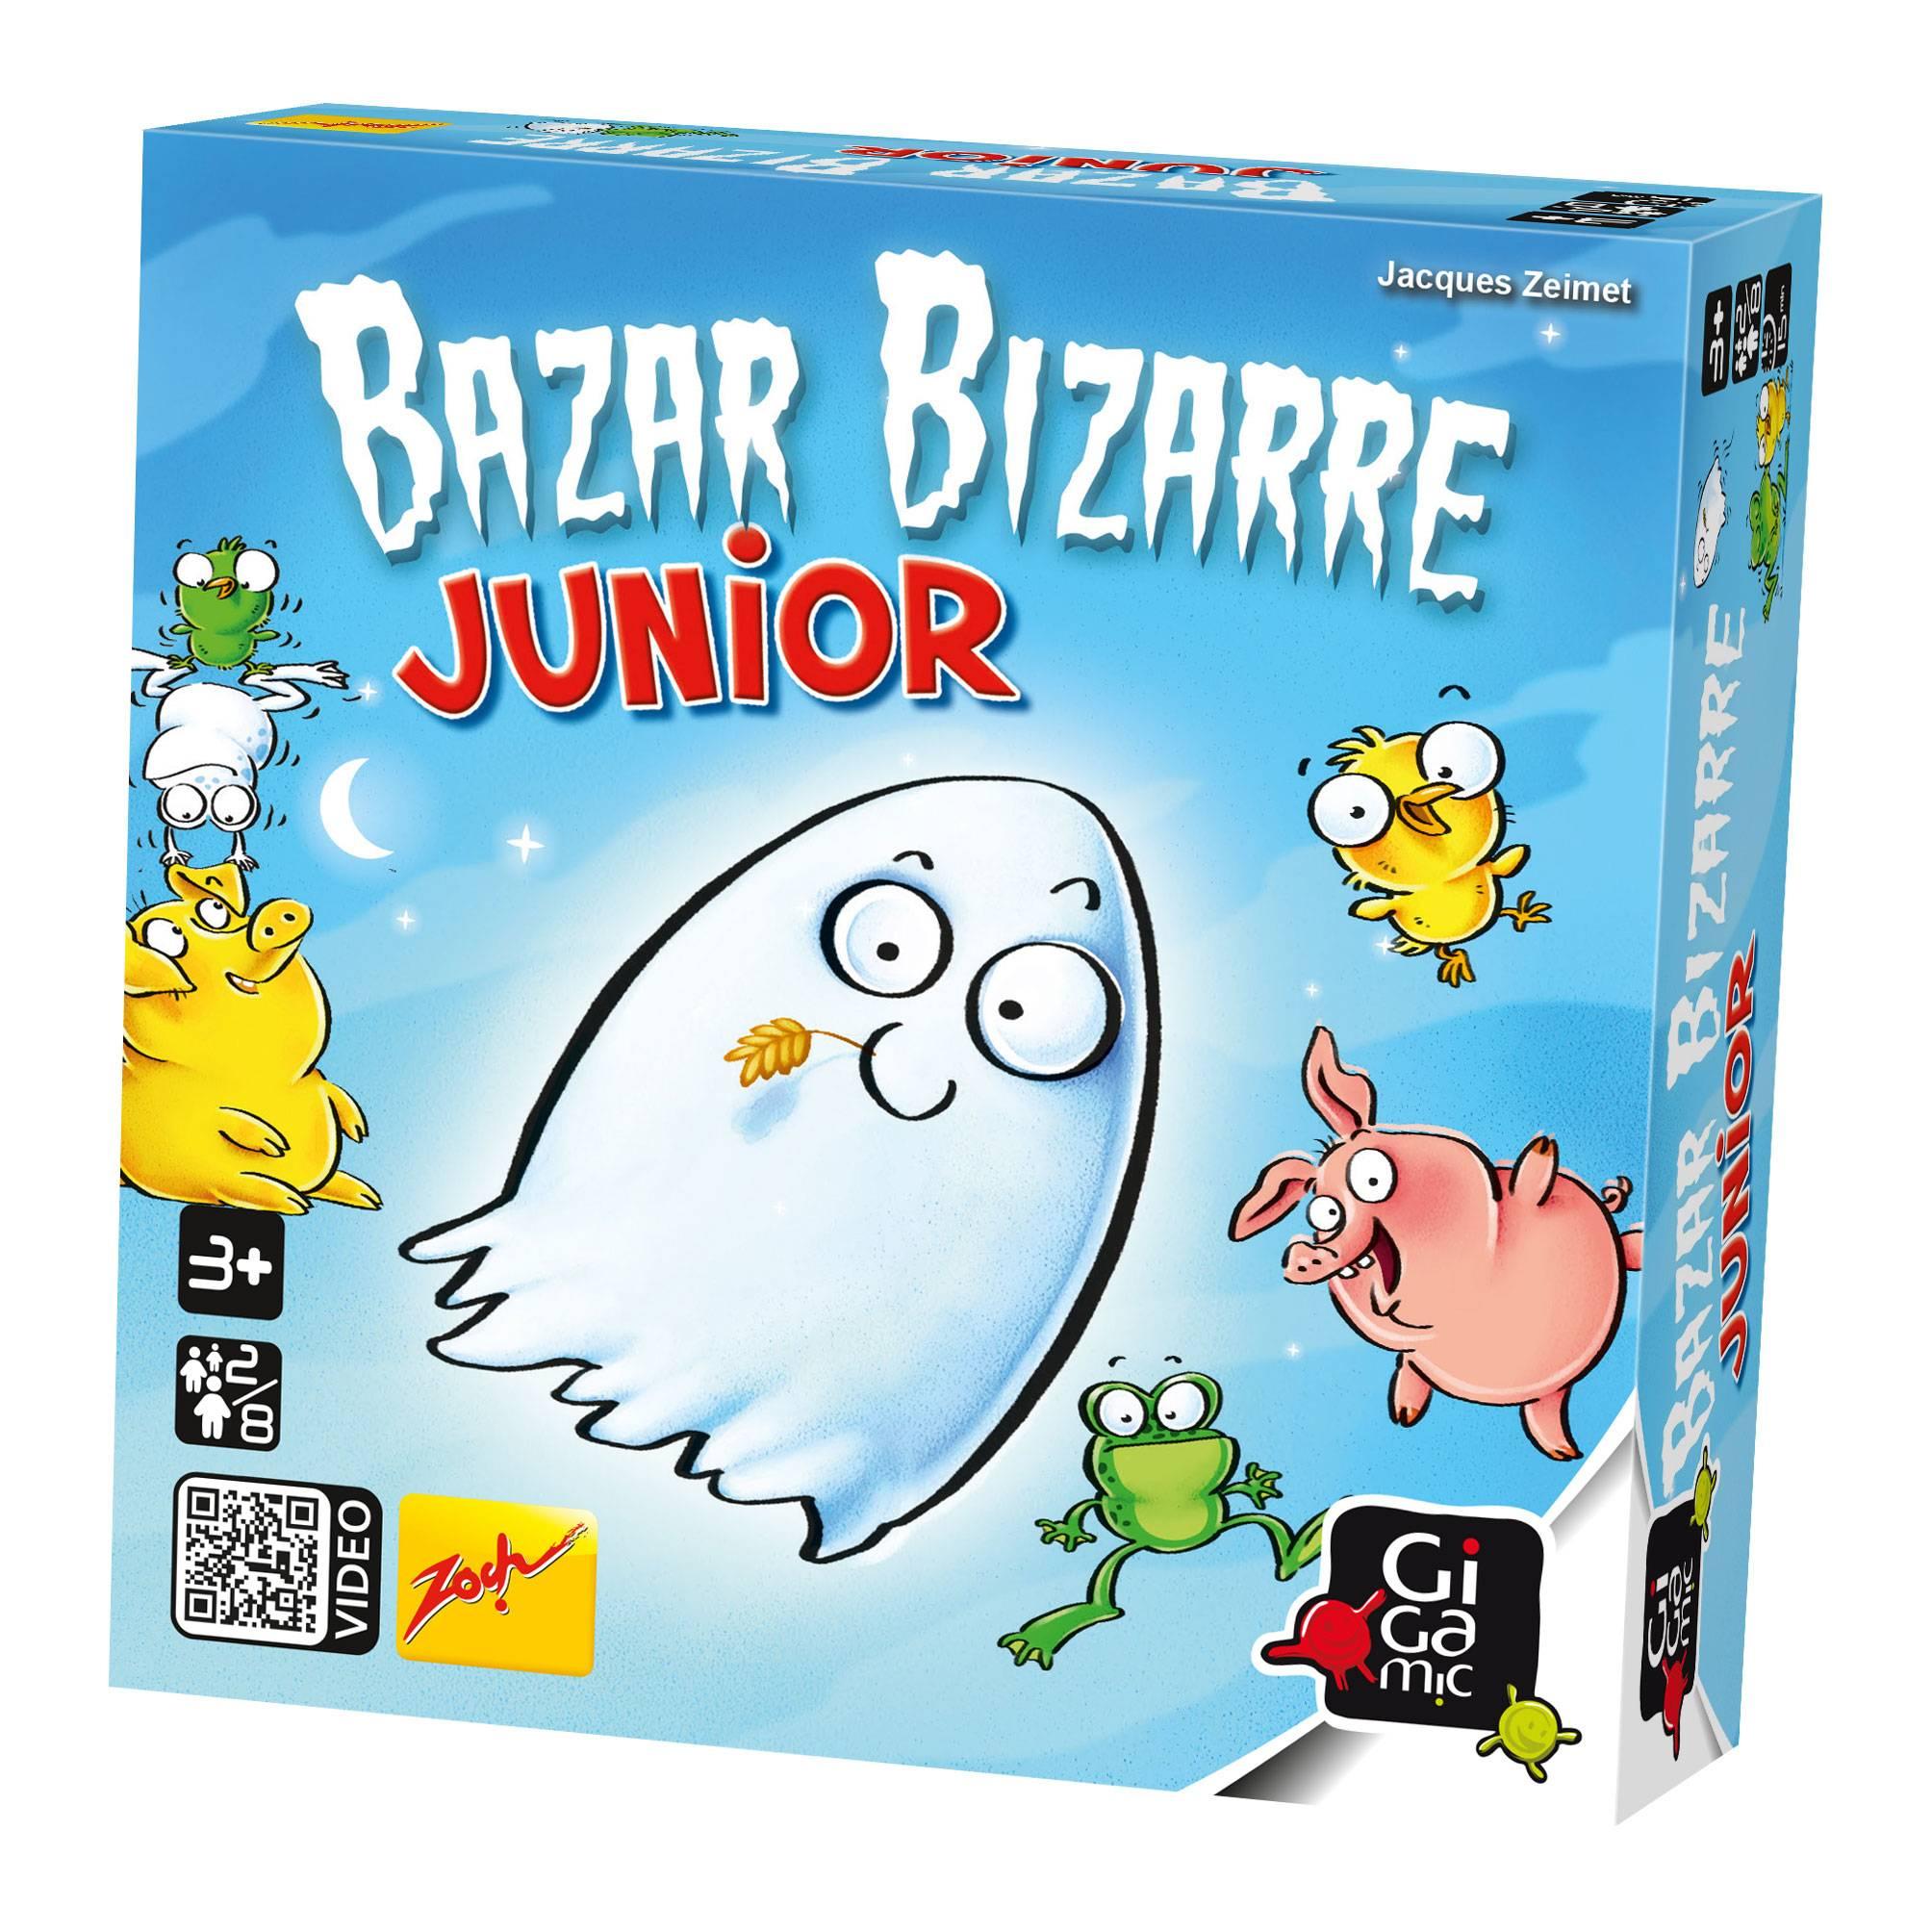 Test - Bazar Bizarre Junior – Plateau Marmots pour Jeux Video 5 Ans